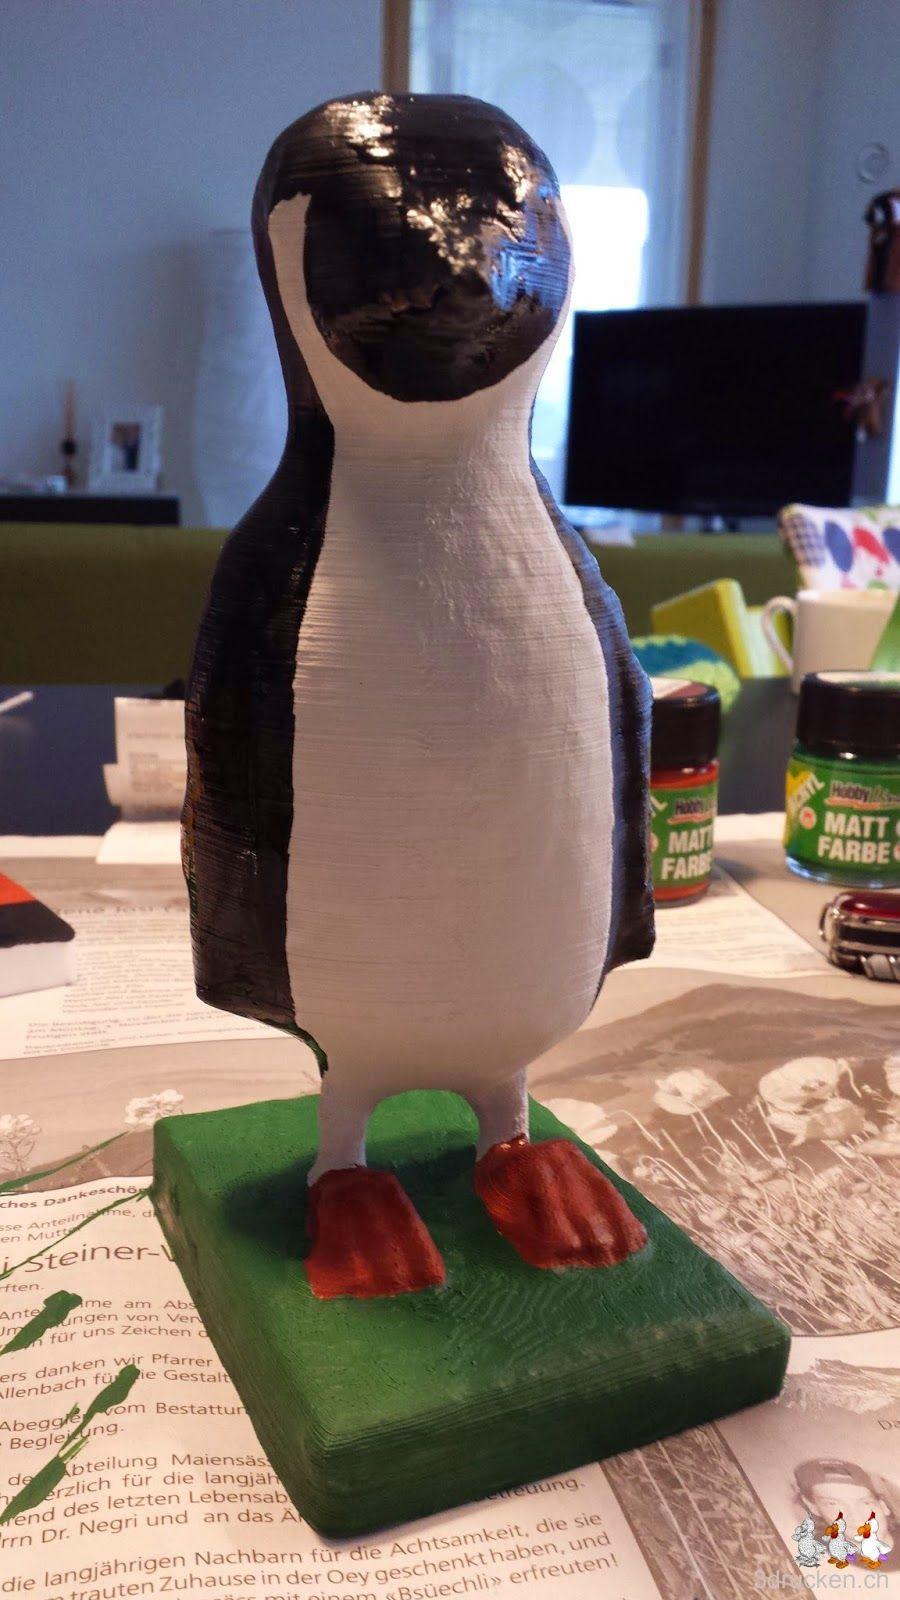 Foto des Pinguins mit frisch bemaltem schwarzem Frack